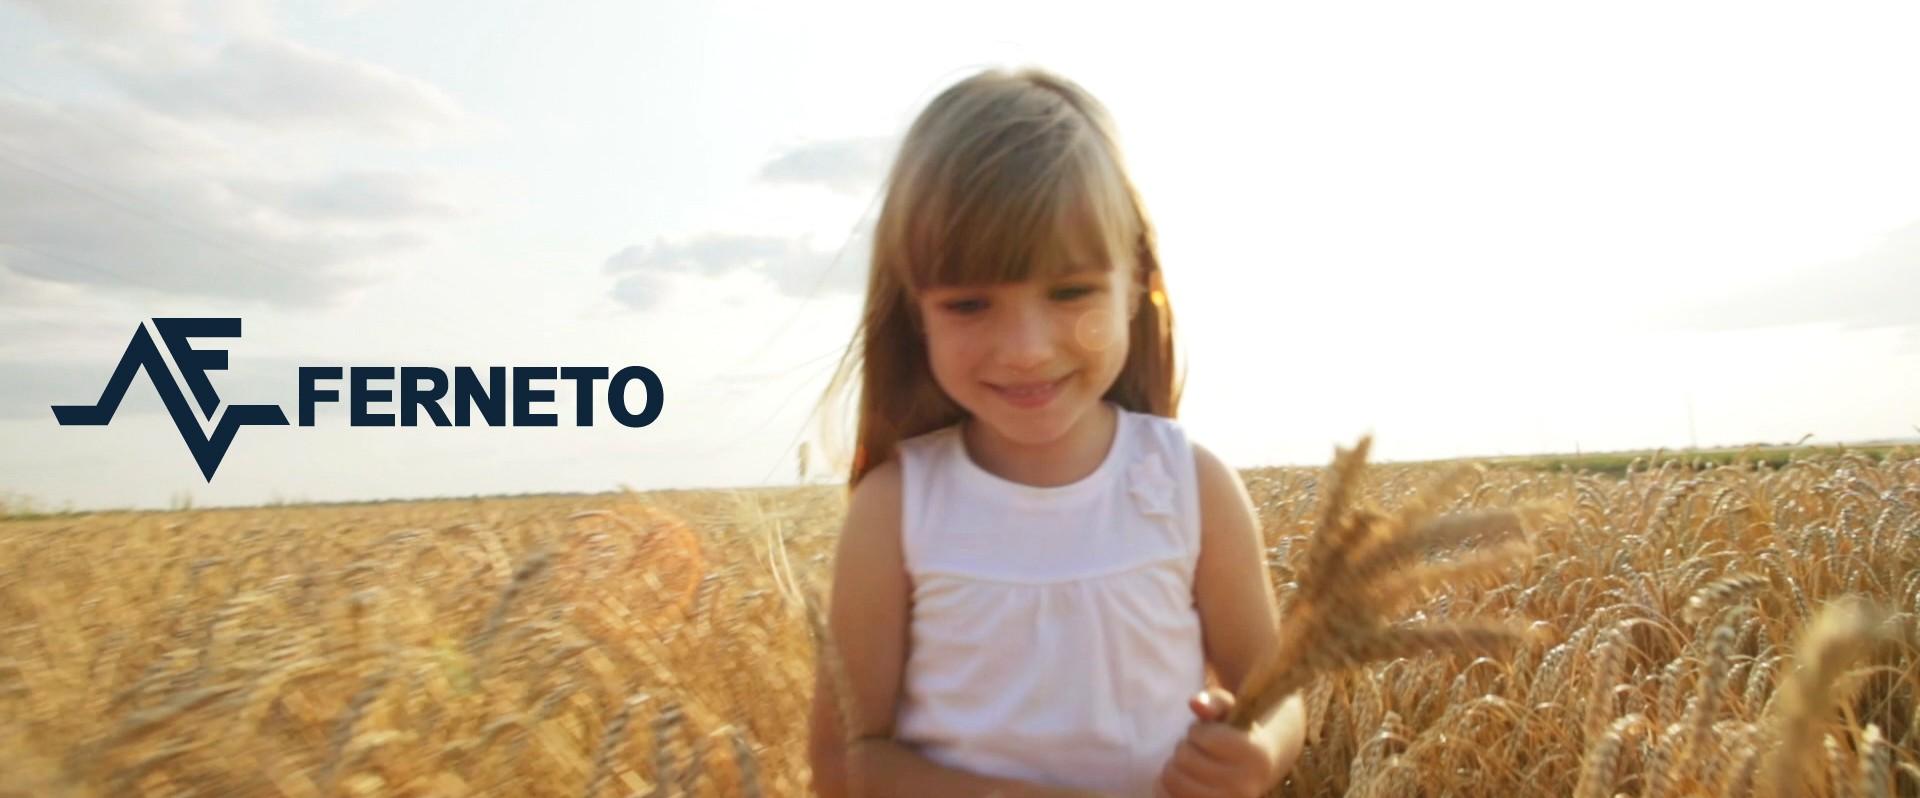 Vidéo: Nous sommes Ferneto: fabricante d'équipements pour boulangerie et pâtisserie